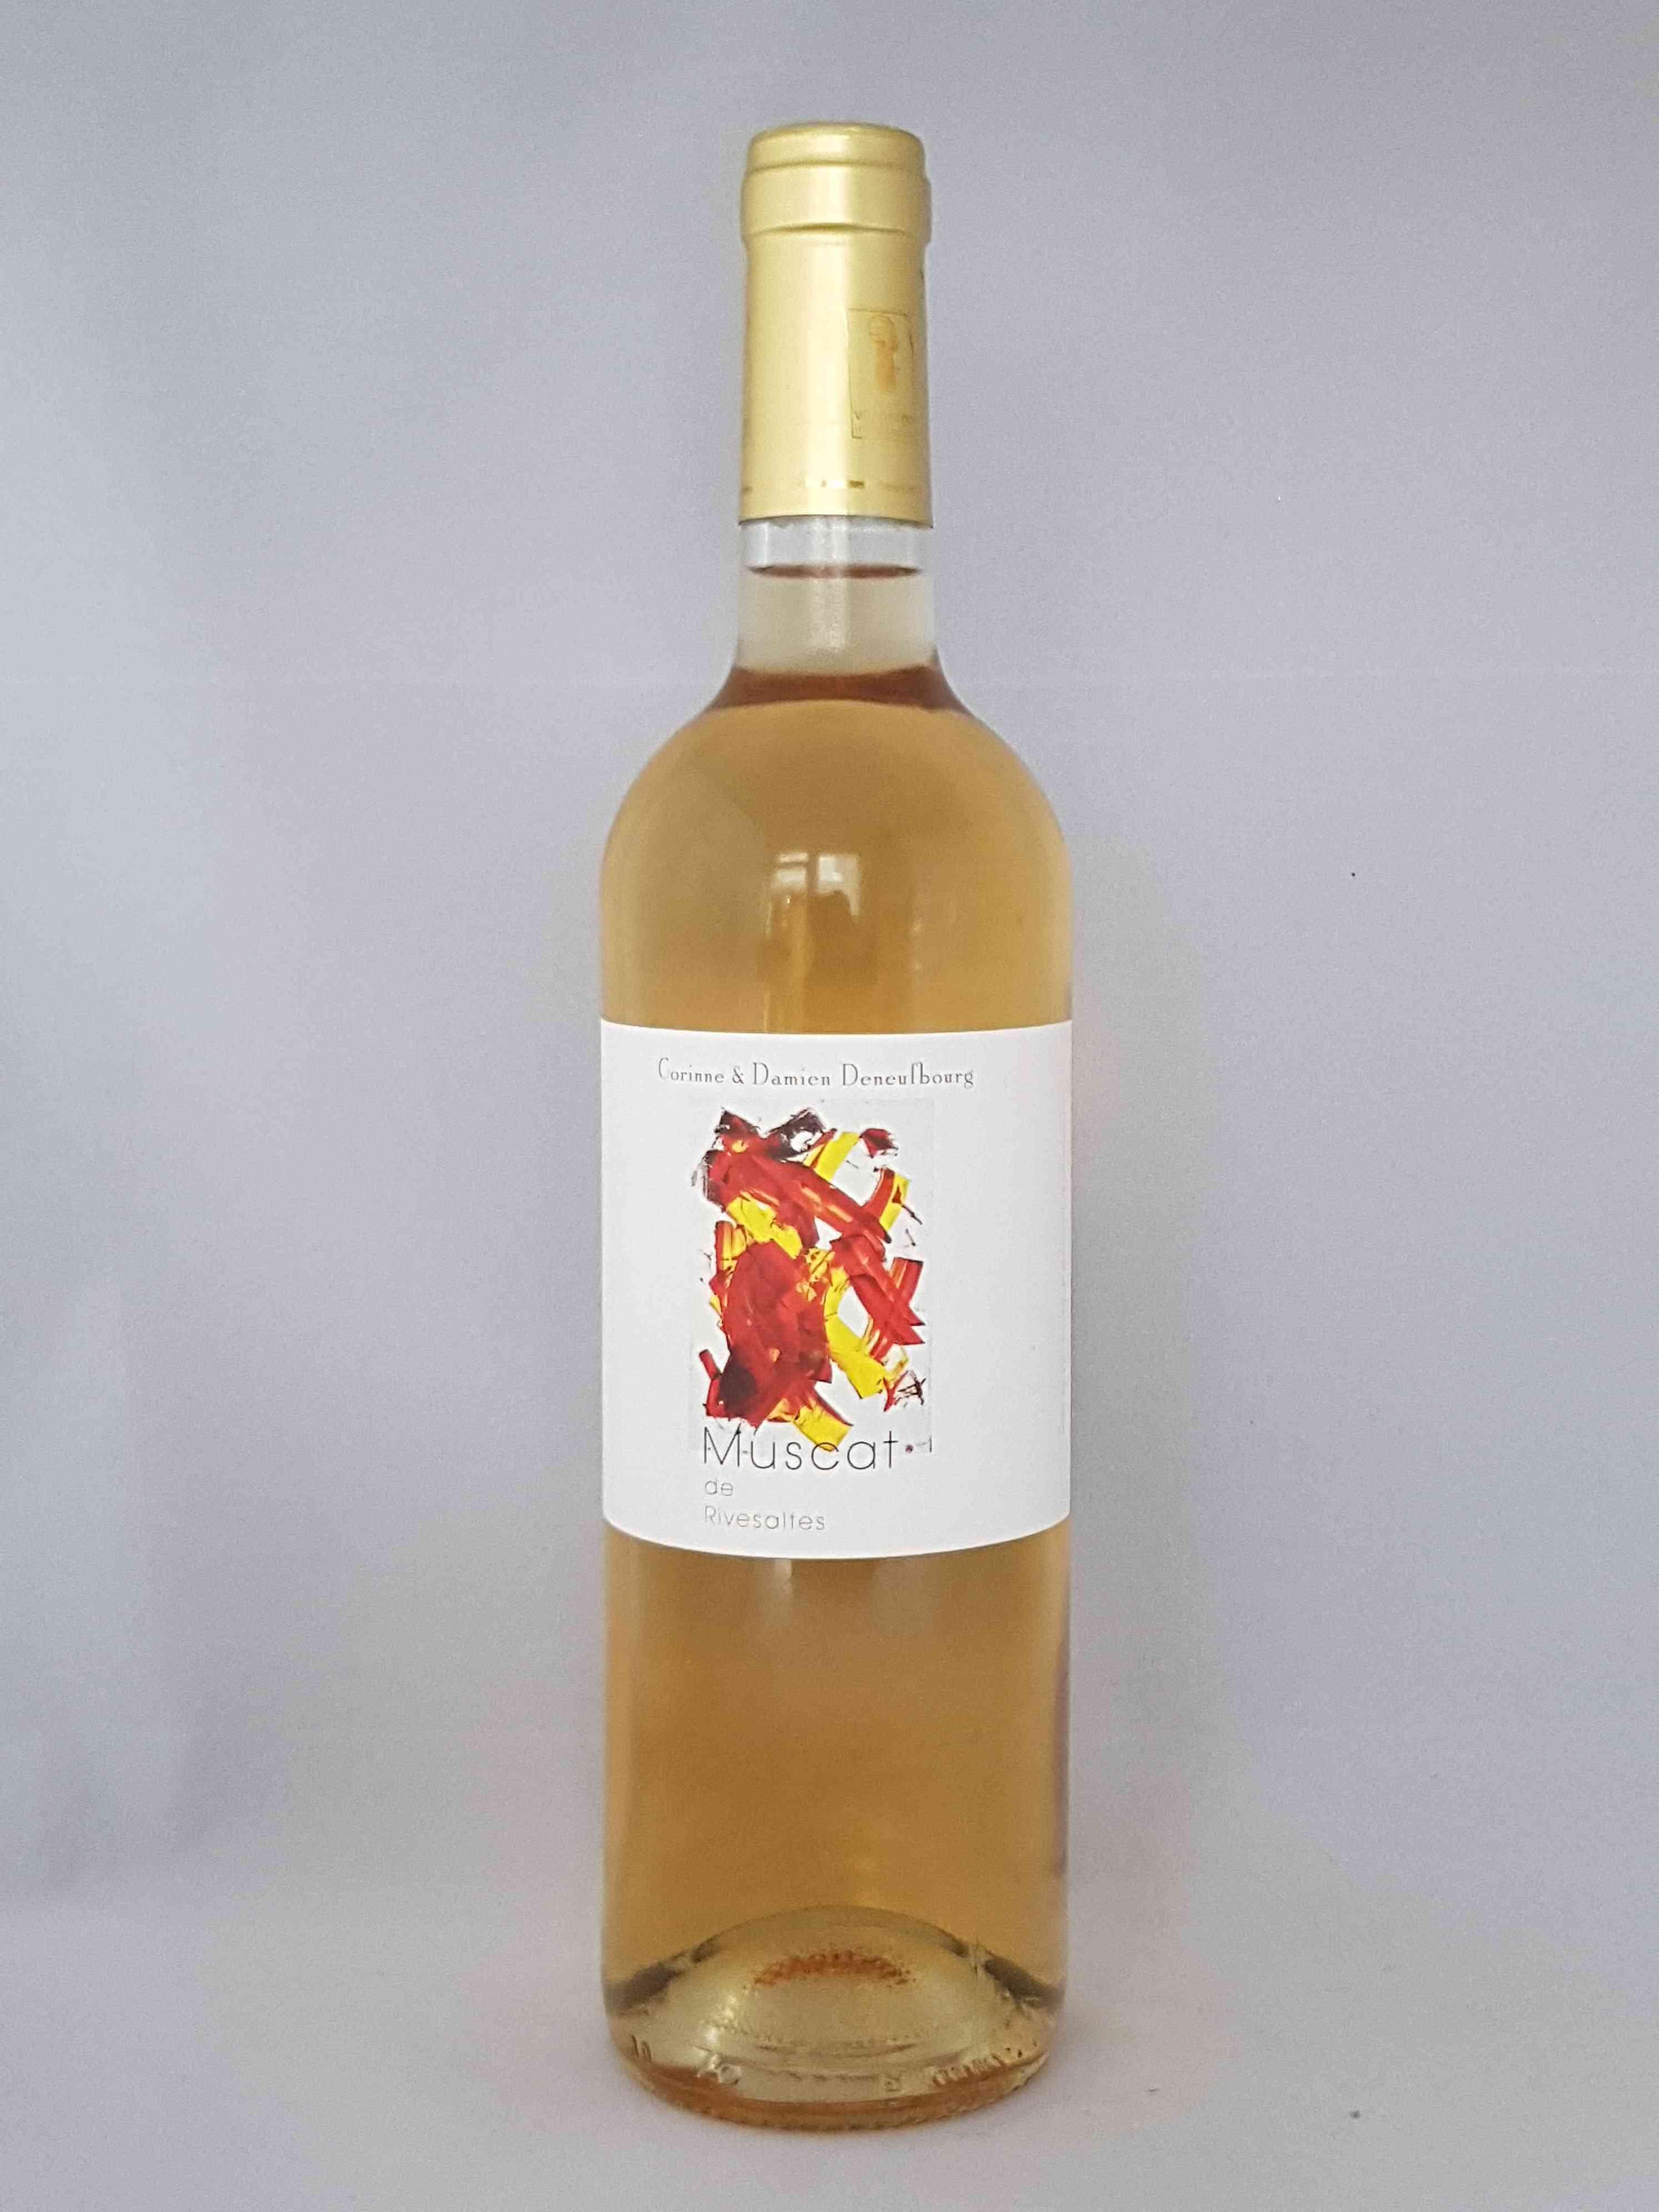 Vin Doux Naturel Le Muscat 2014